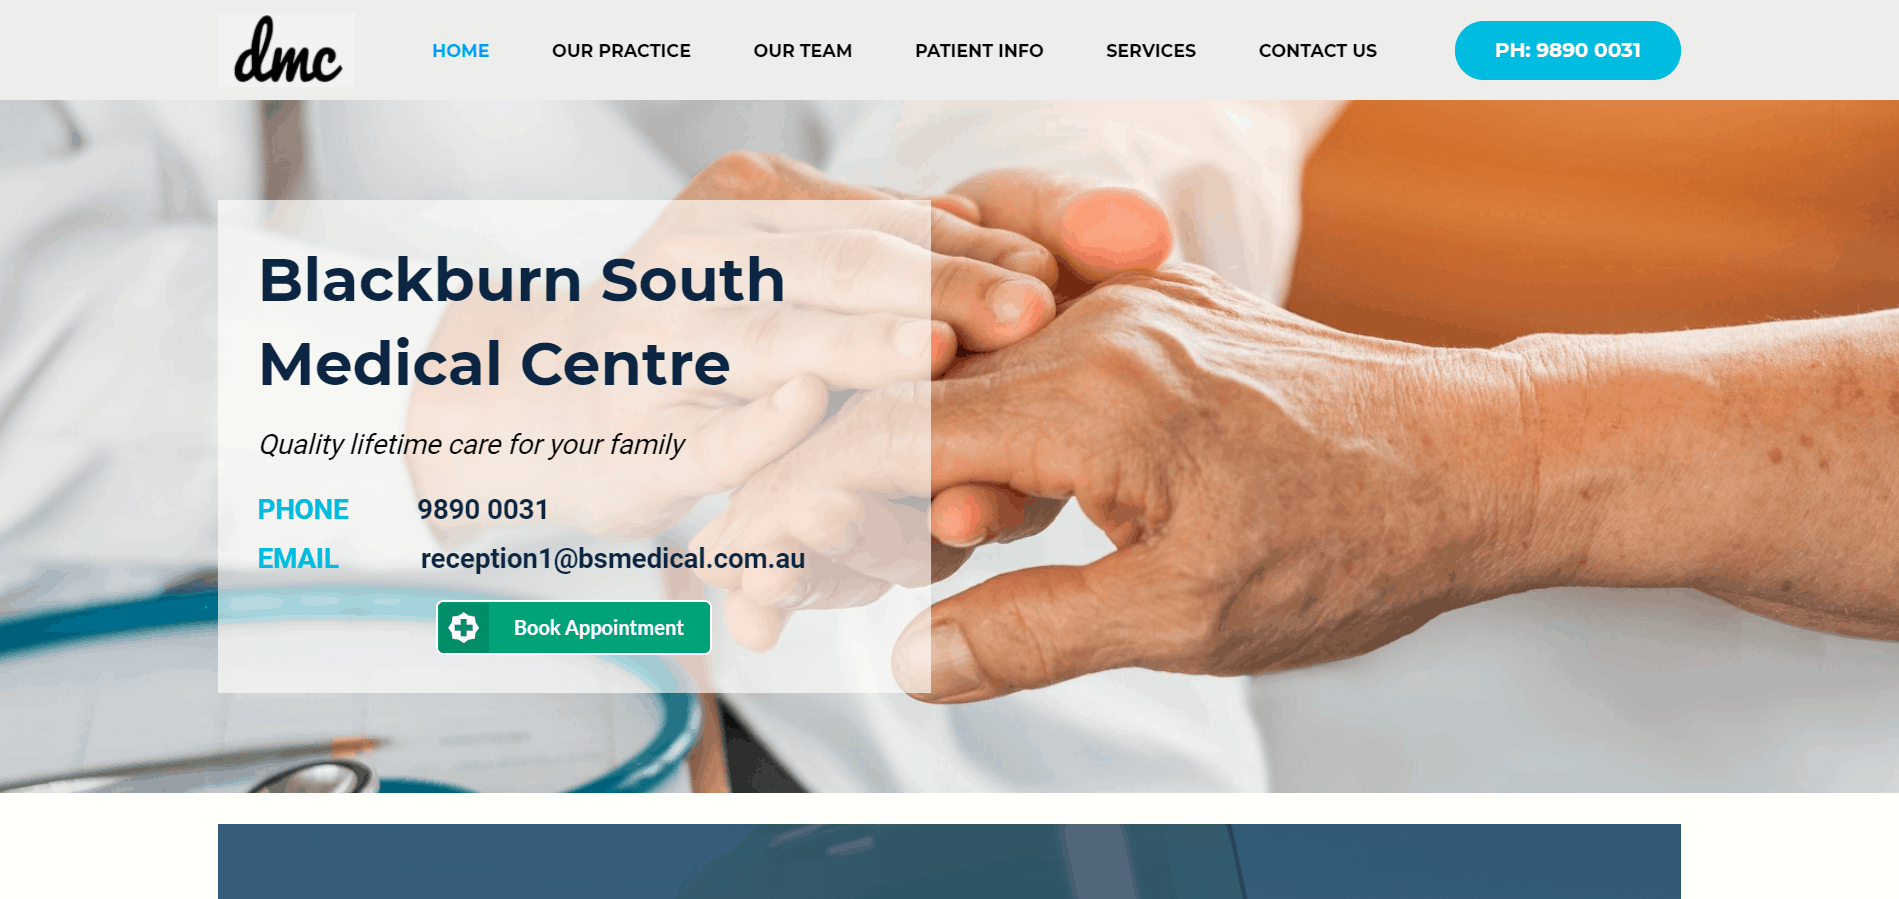 Blackburn South Medical Centre